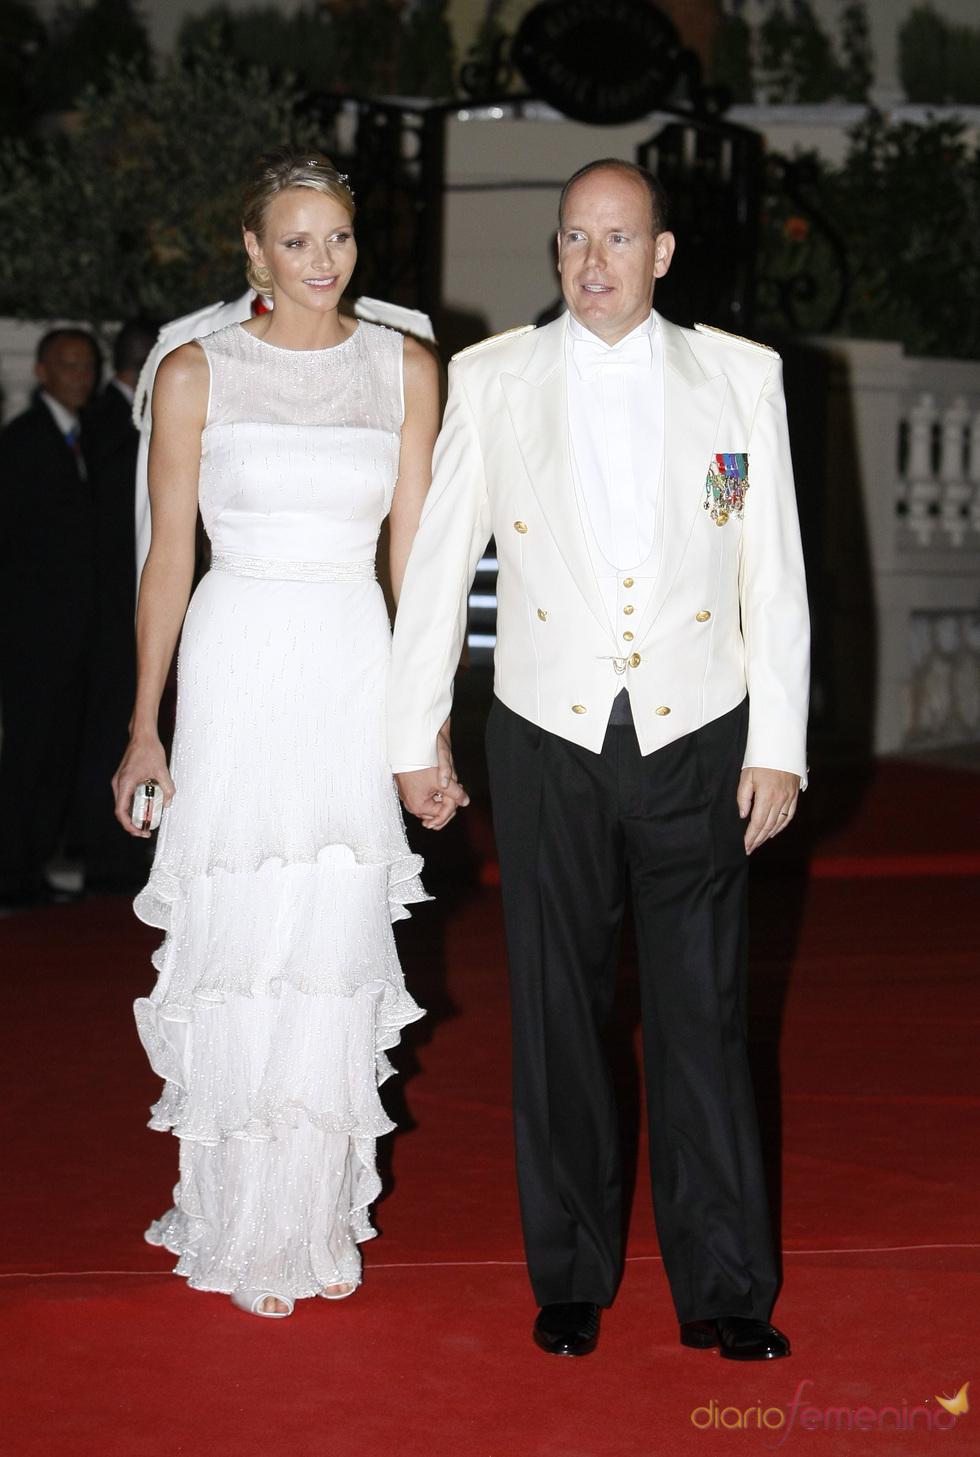 Alberto de Mónaco y Charlene Wittstock en la cena de gala de la Boda Real de Mónaco